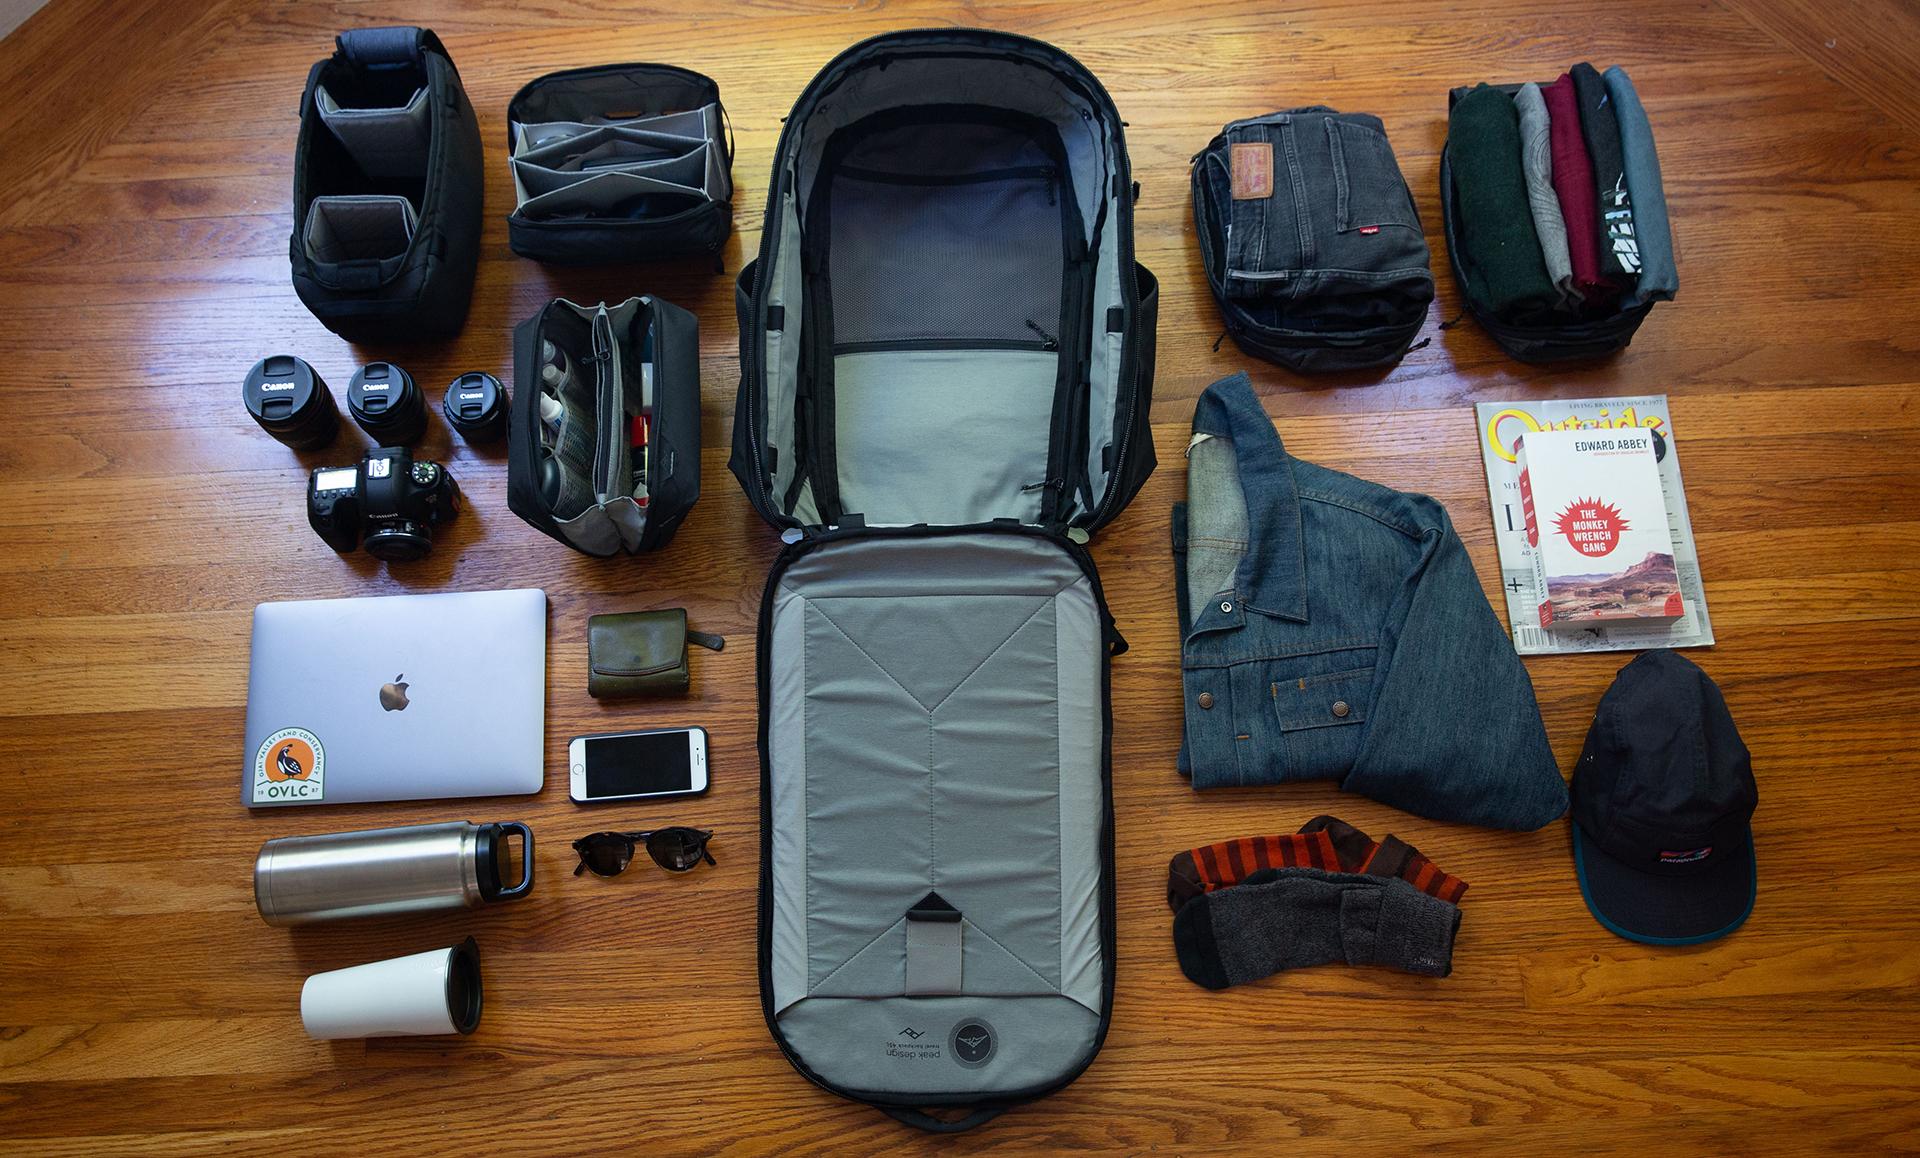 Linea de viaje Travel Line de Peak Design en Kickstarter - EL ecosistema de bolsos para viajeros